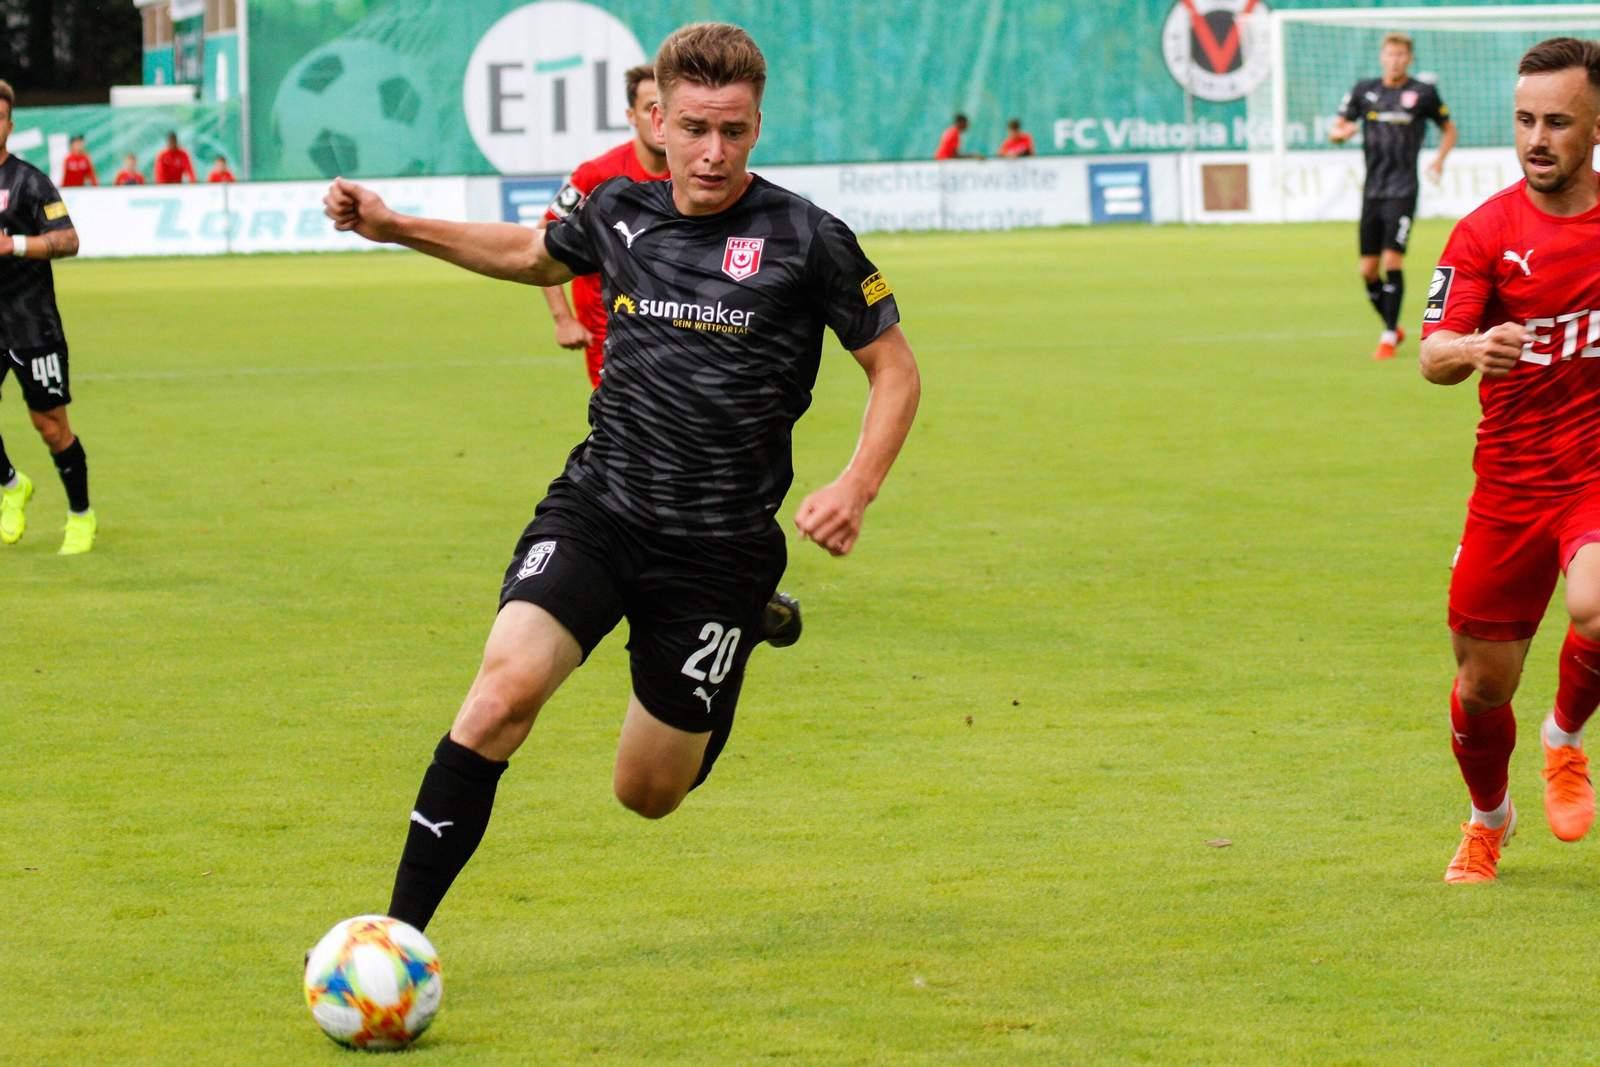 Florian Hansch vom Halleschen FC